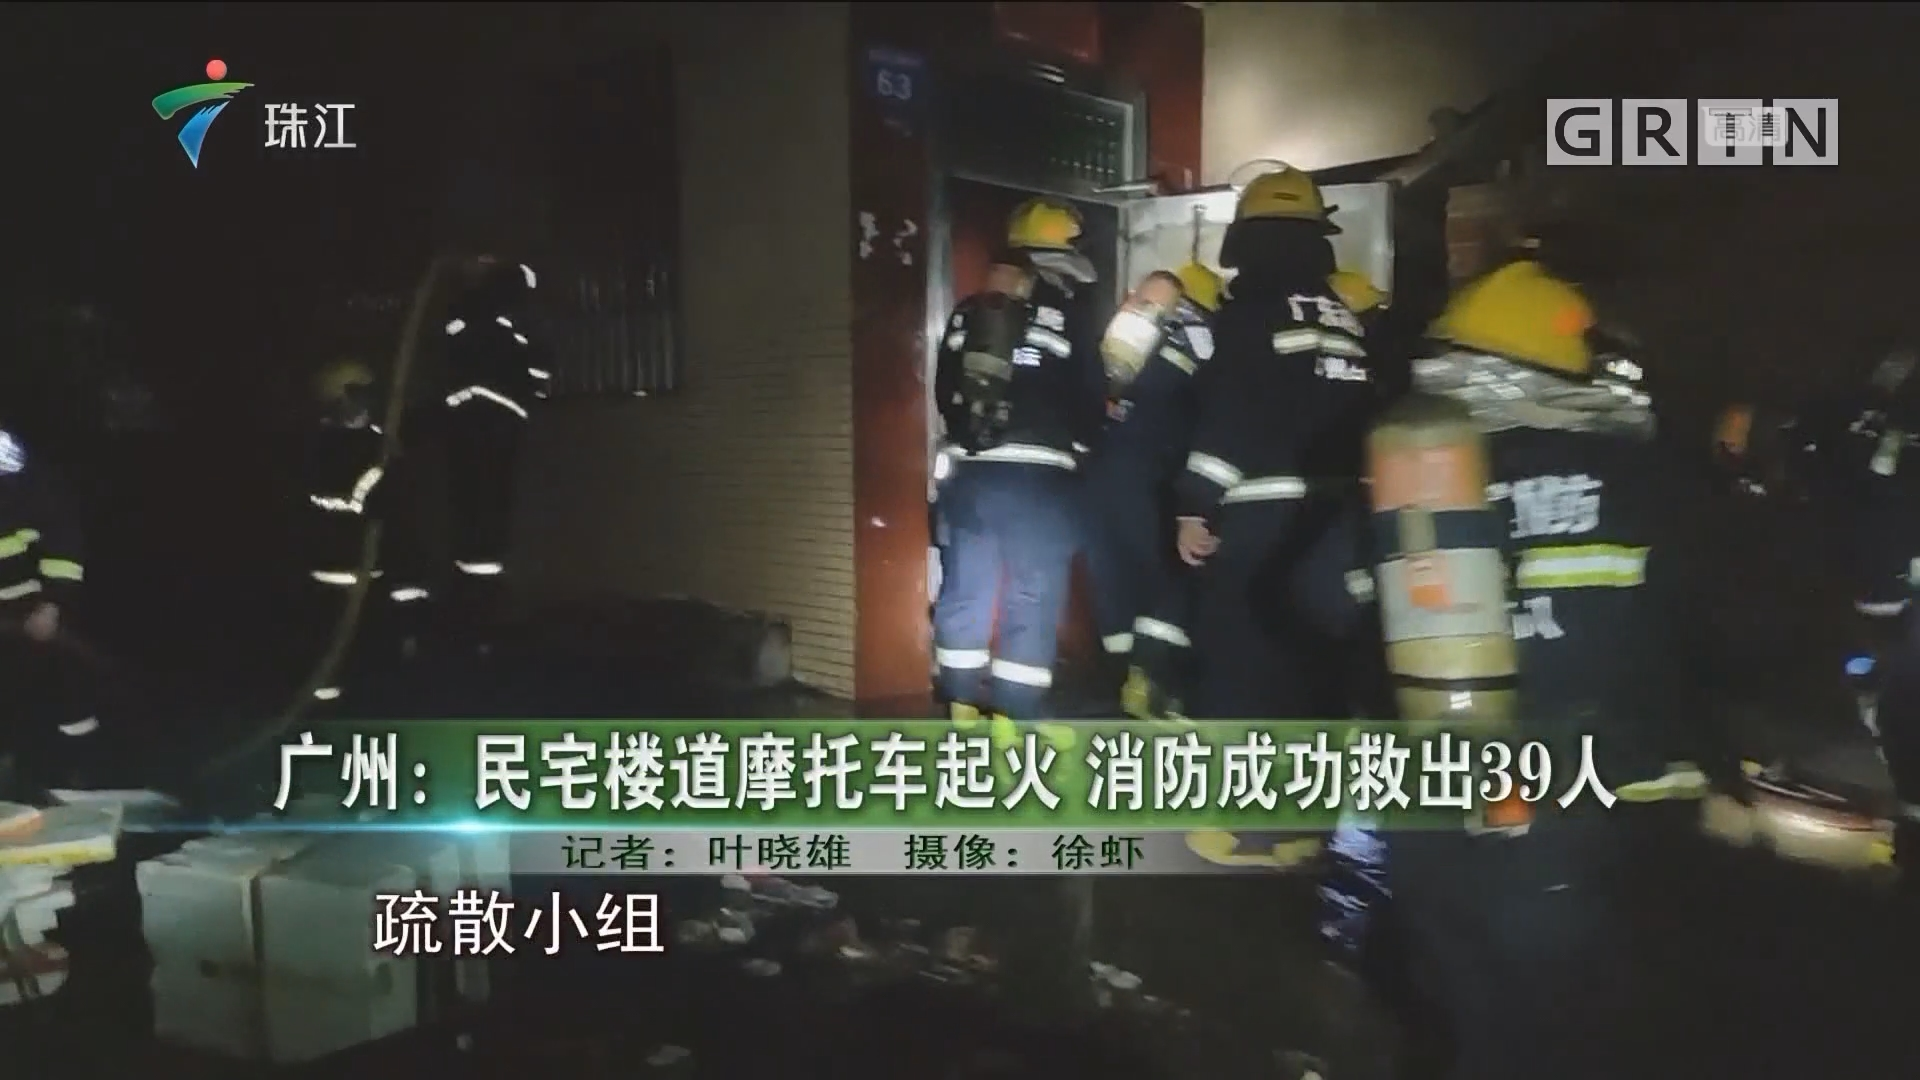 广州:民宅楼道摩托车起火 消防成功救出39人